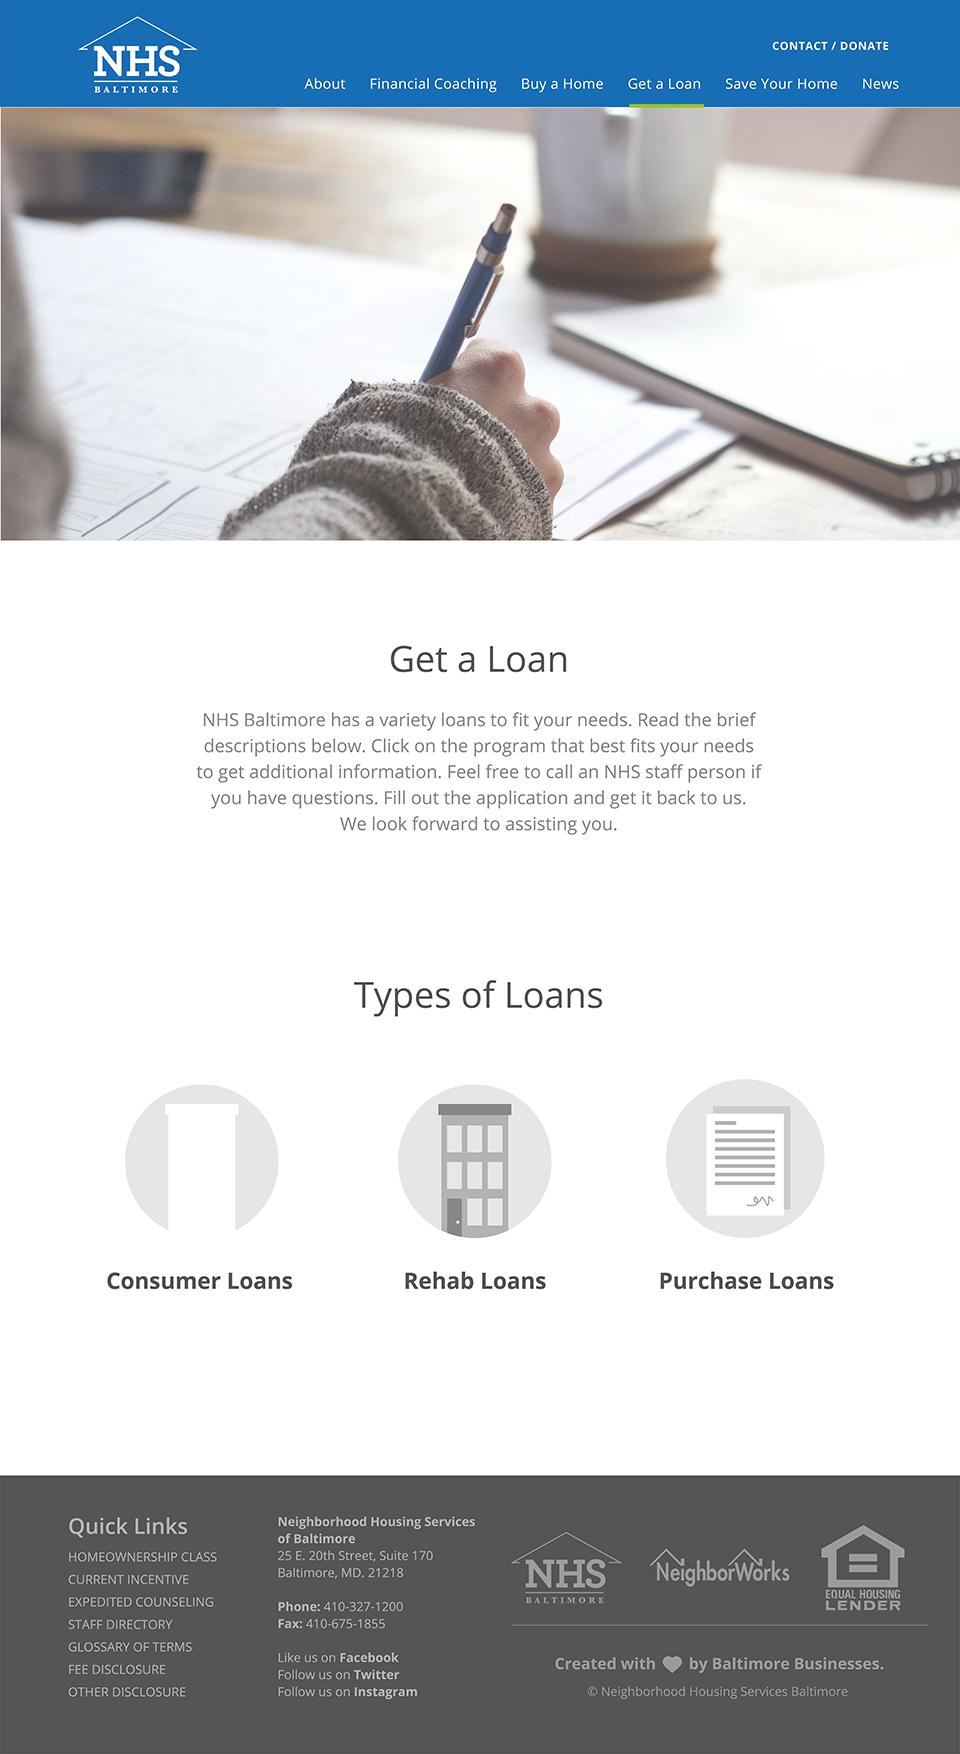 NHS_Get a Loan-01.jpg